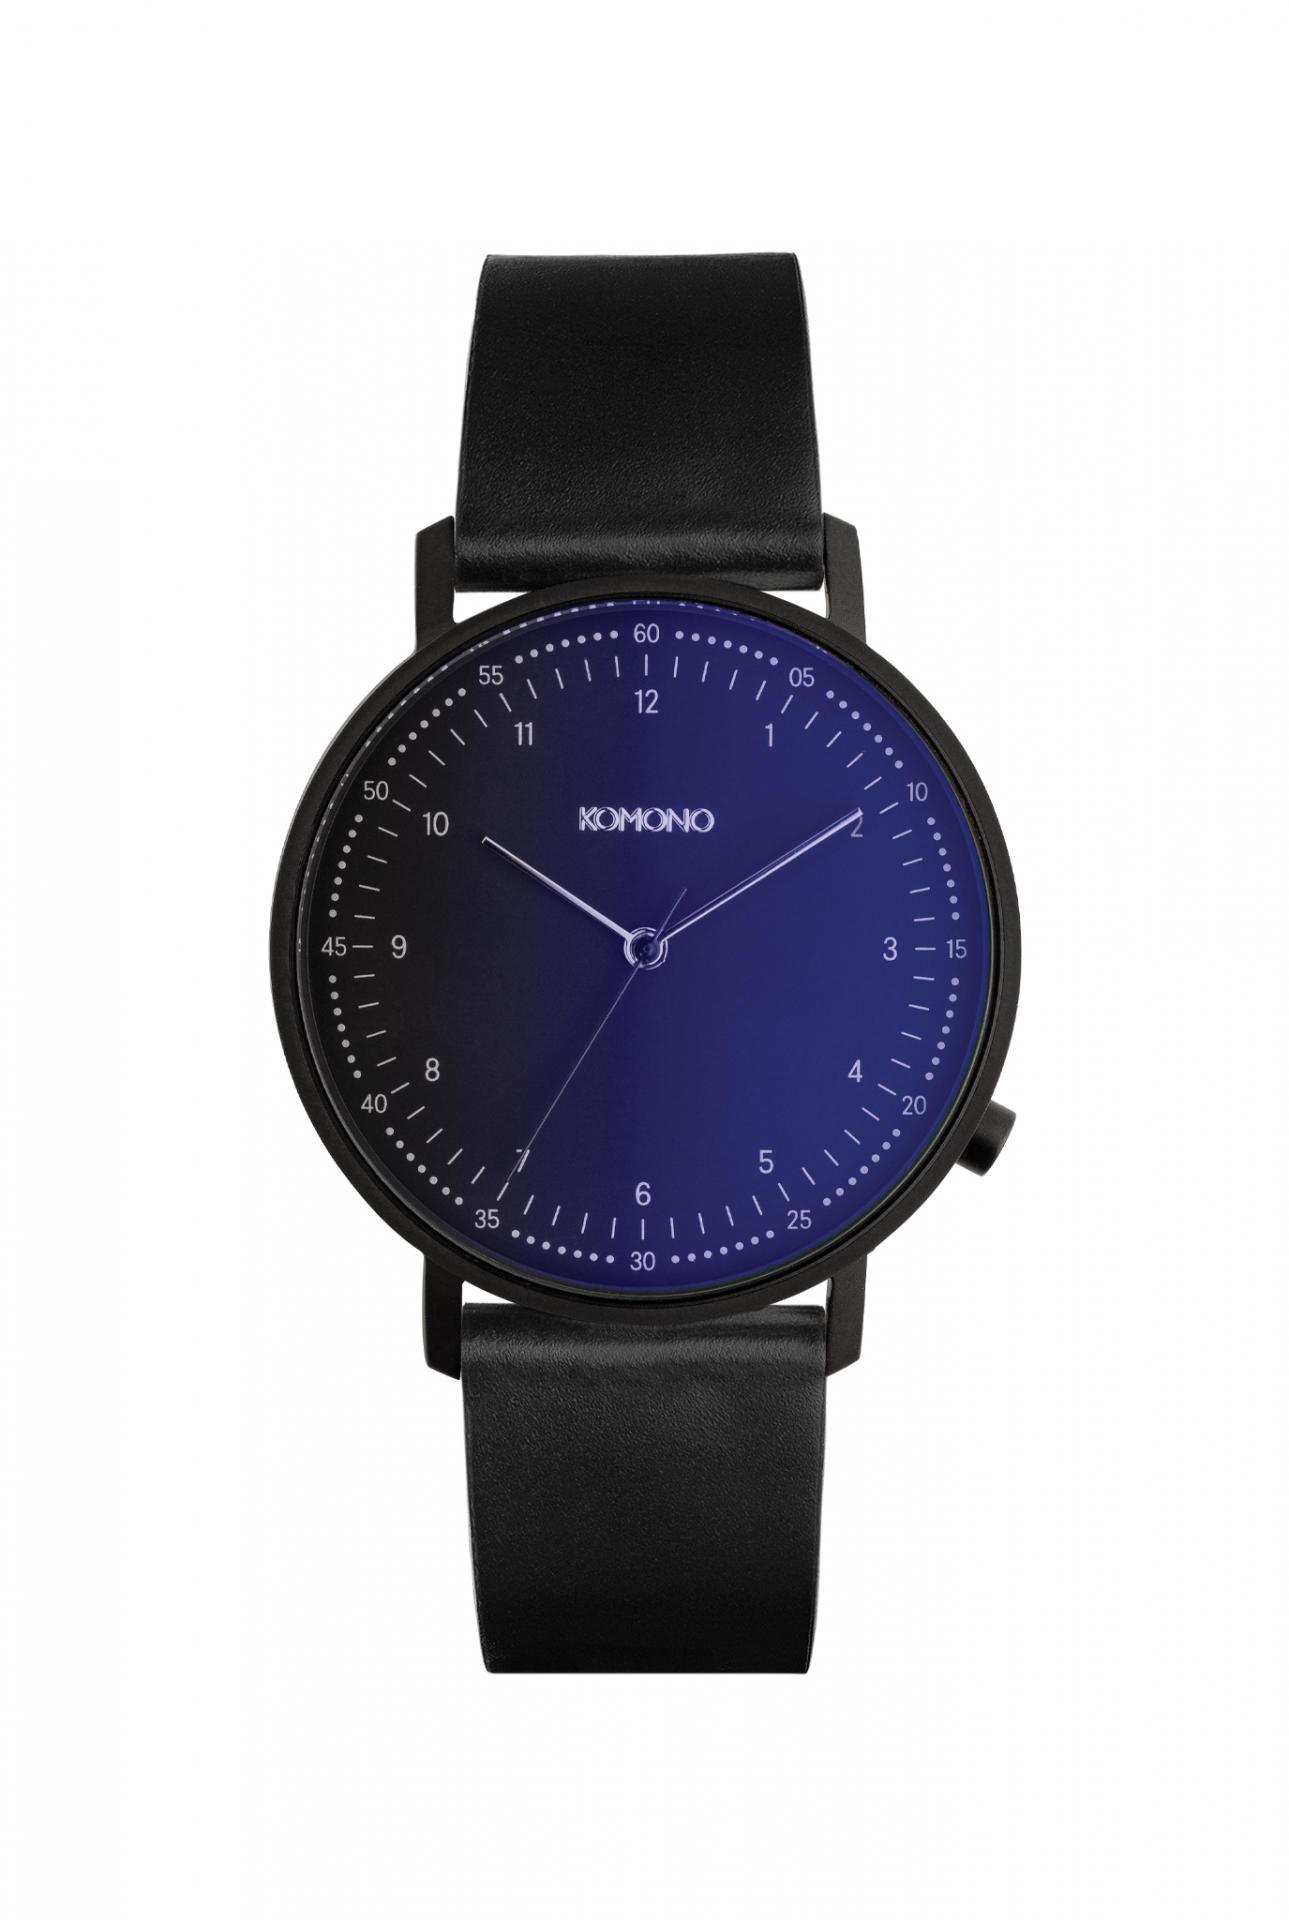 Komono Pánské hodinky Komono Lewis Midnight, černá barva